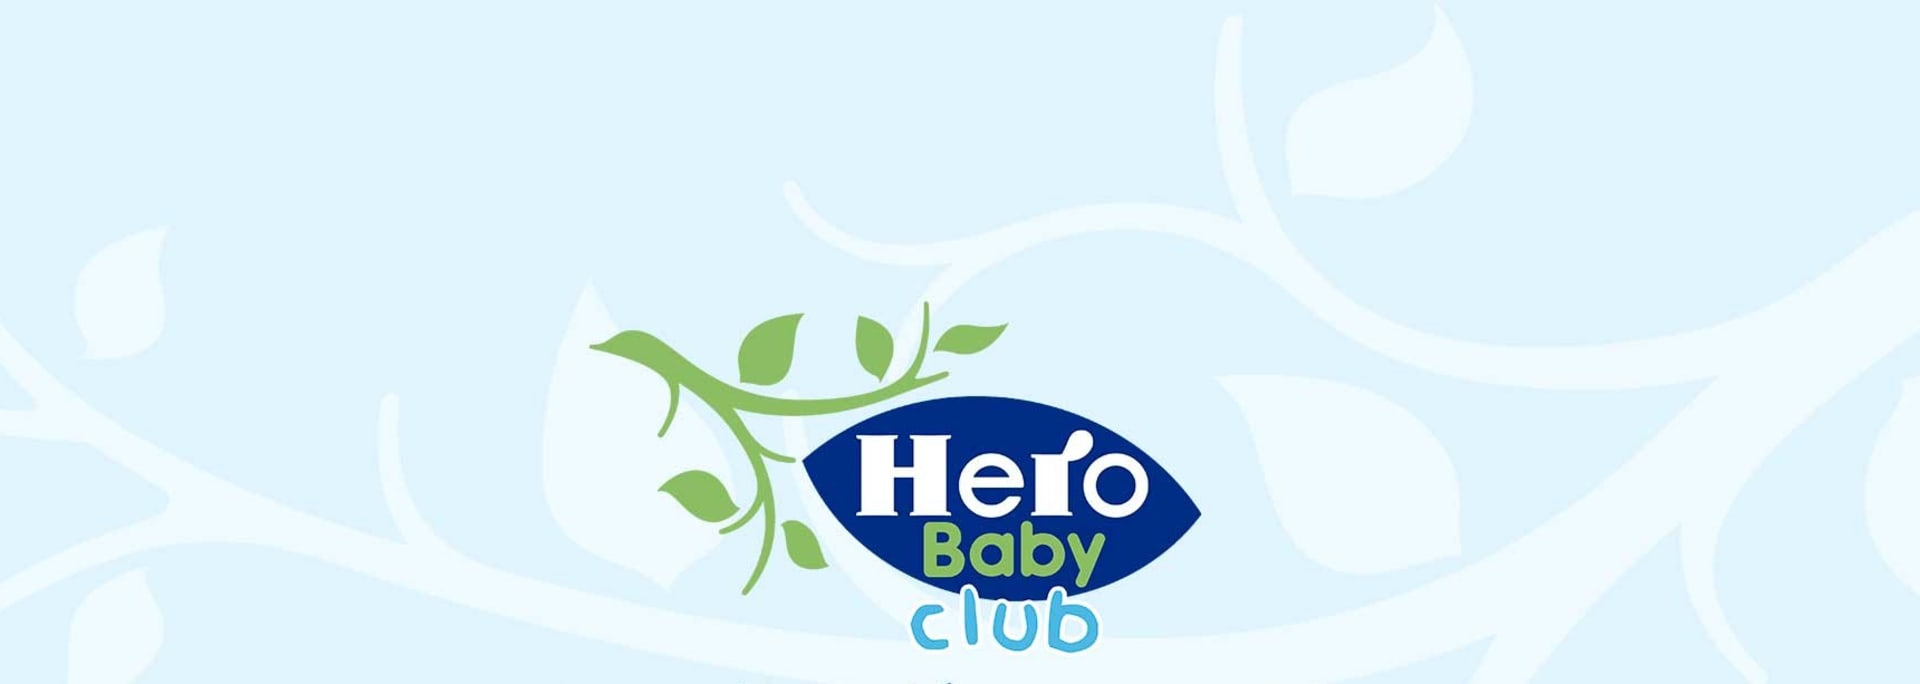 HERO BABY CLUB